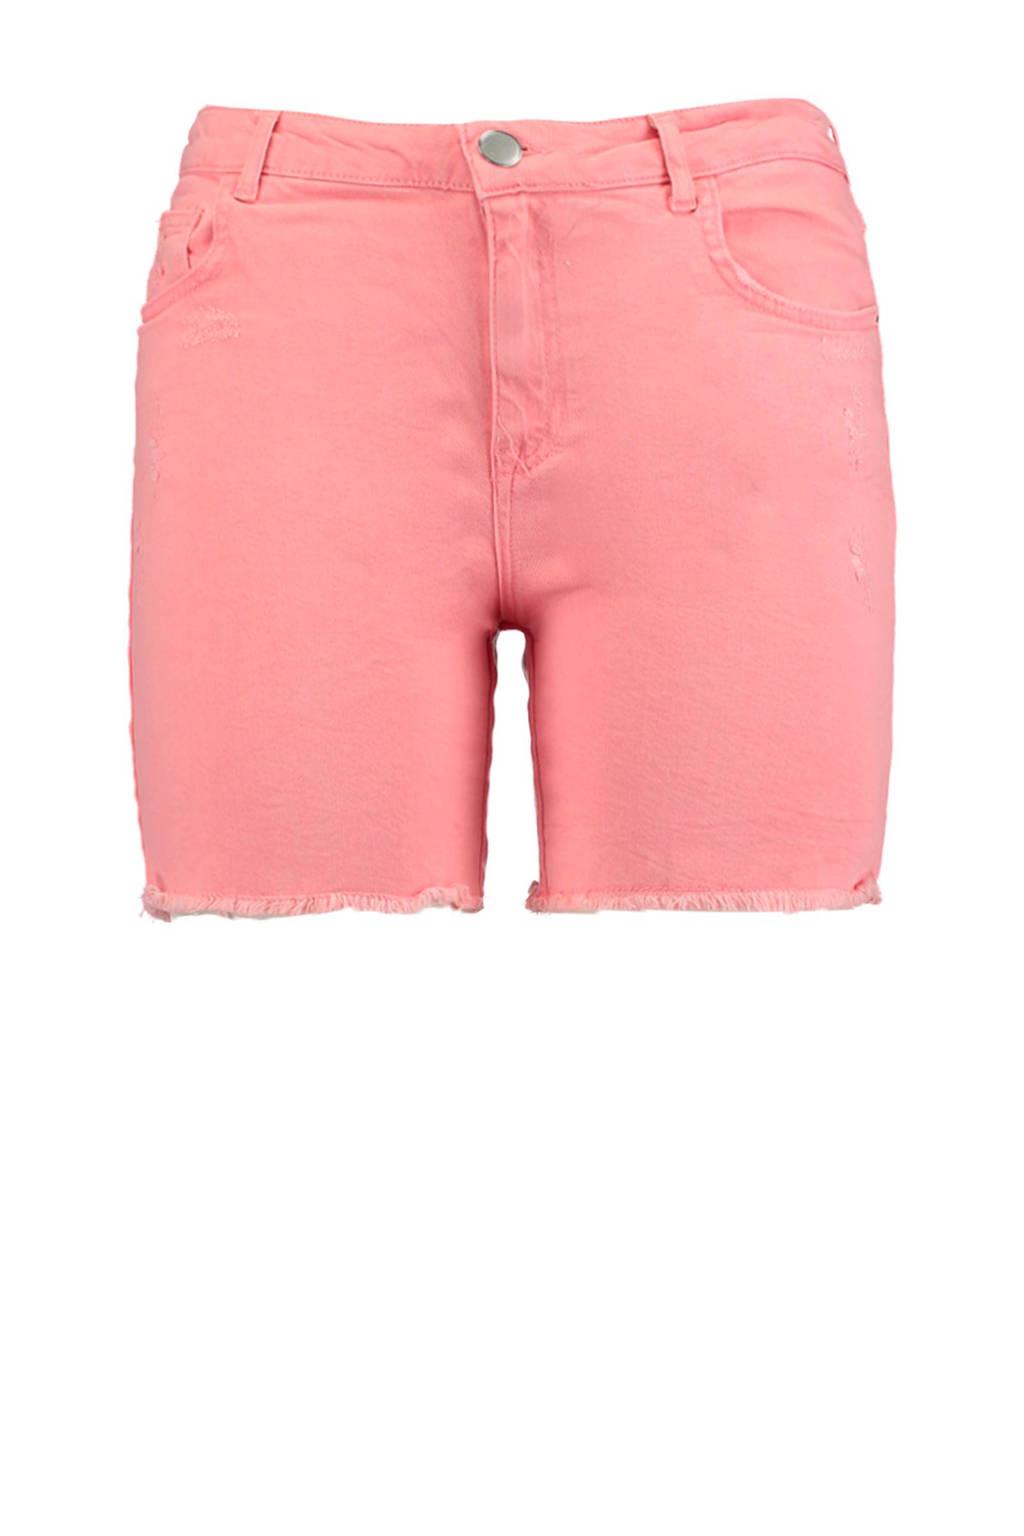 MS Mode korte broek met slijtage lichtroze, Lichtroze